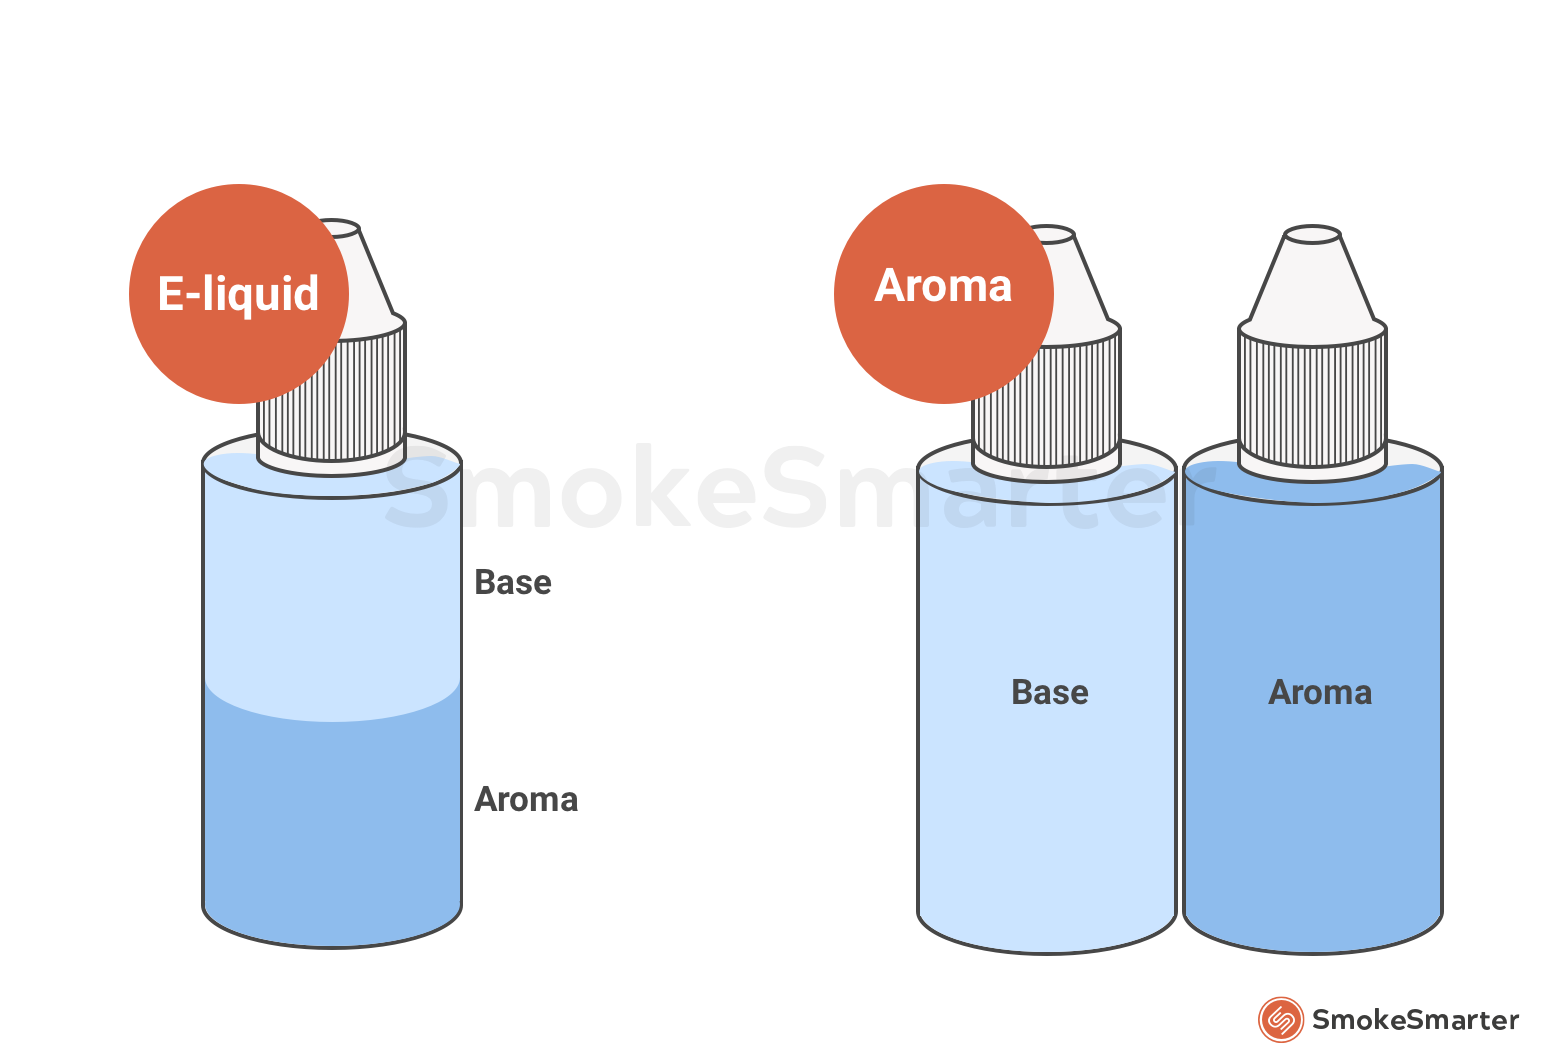 Wat is het verschil tussen een e-liquid en aroma